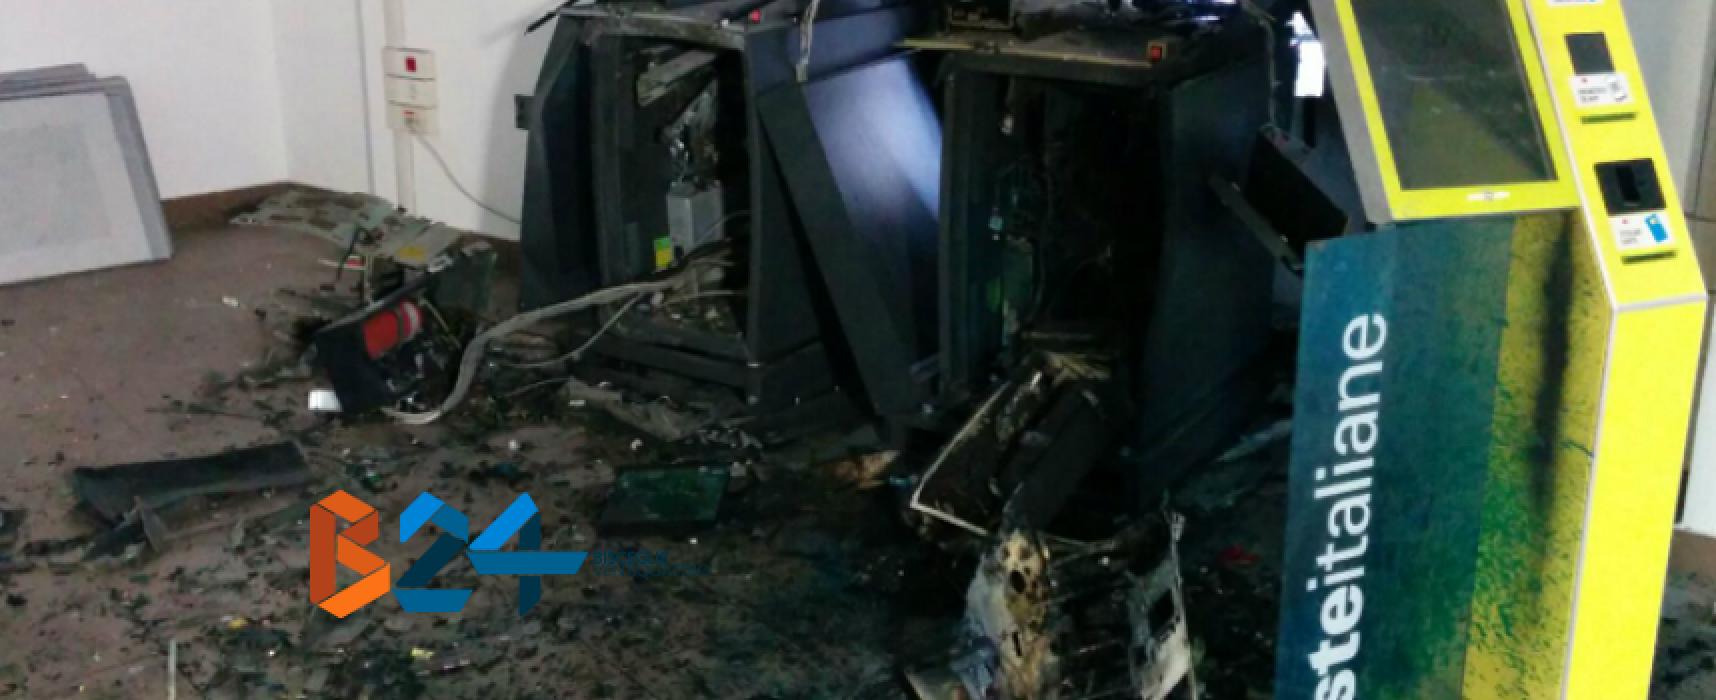 Due bombe nella notte alla posta centrale per rubare il denaro degli sportelli Atm / FOTO